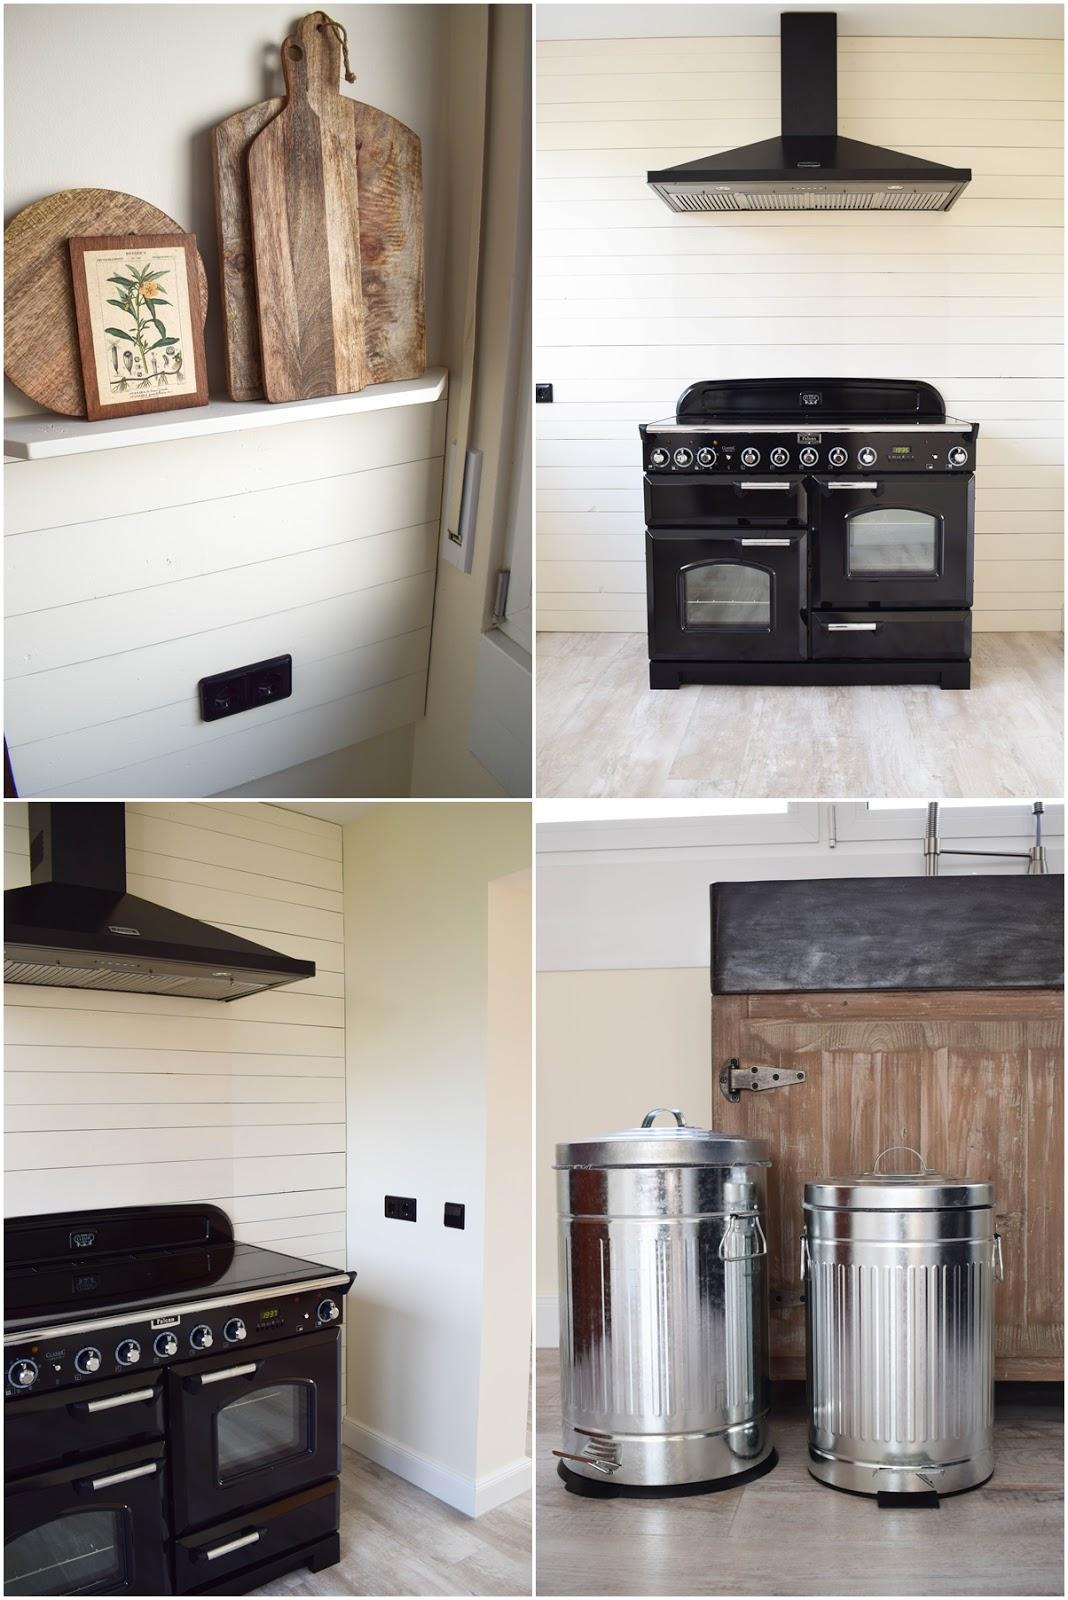 Wenko Tipp Abfalleimer Abfalltrennung Küche Retro Landhausküche Interior Deko Dekoration